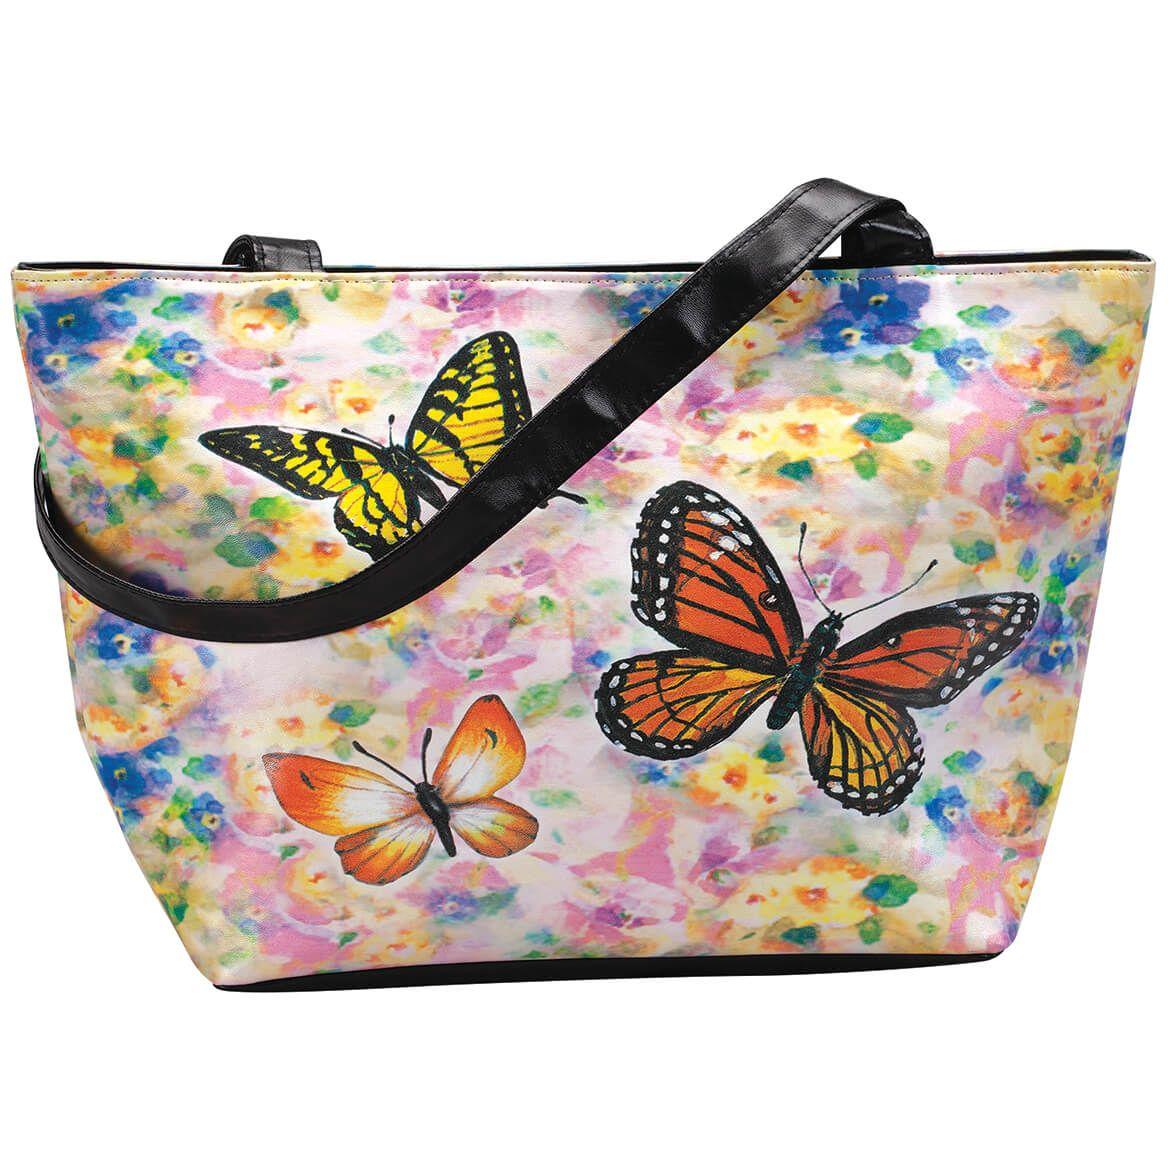 Designer Butterfly Handbag-369220